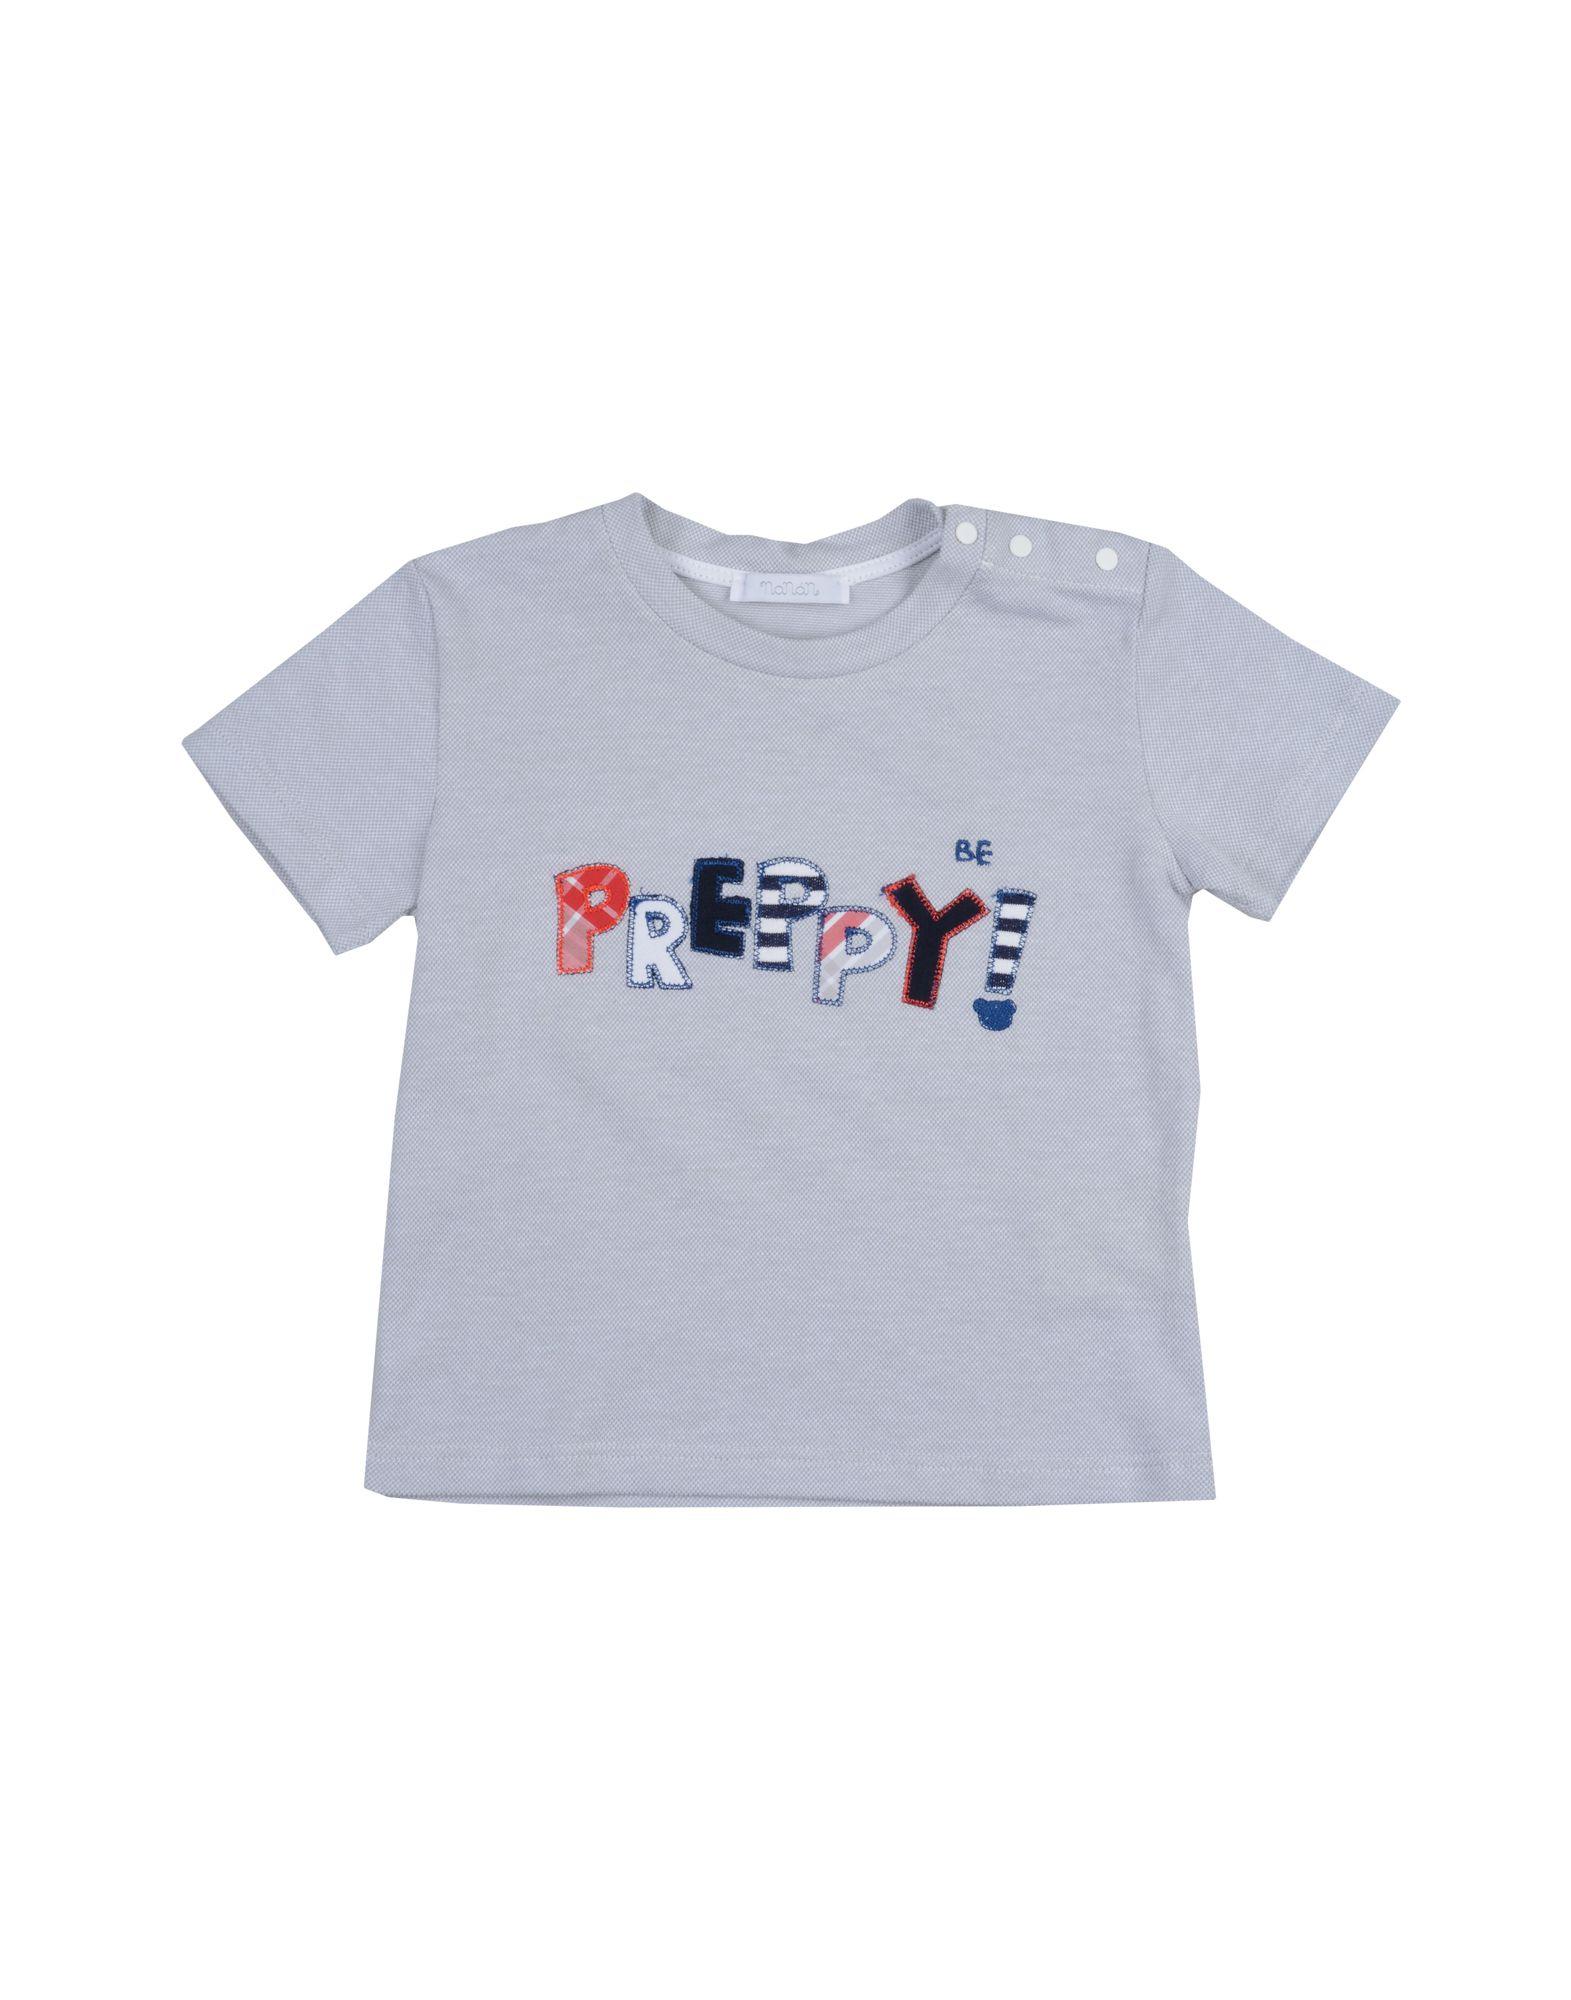 Nanán Kids' T-shirts In Gray